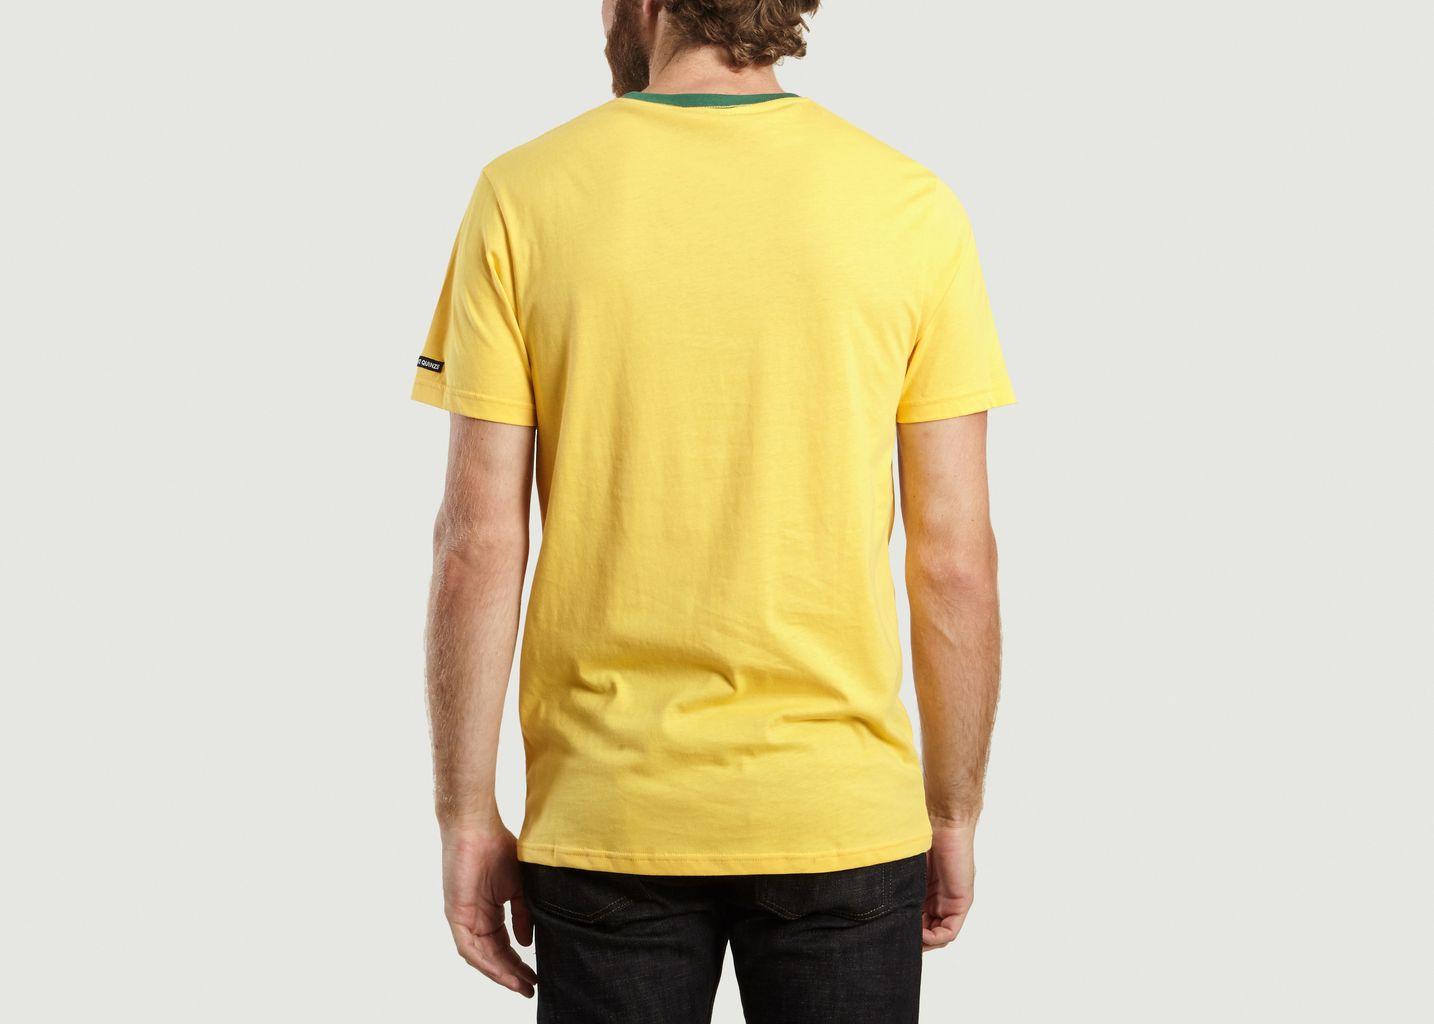 T-Shirt Authentique Brésil - Quatre Cent Quinze